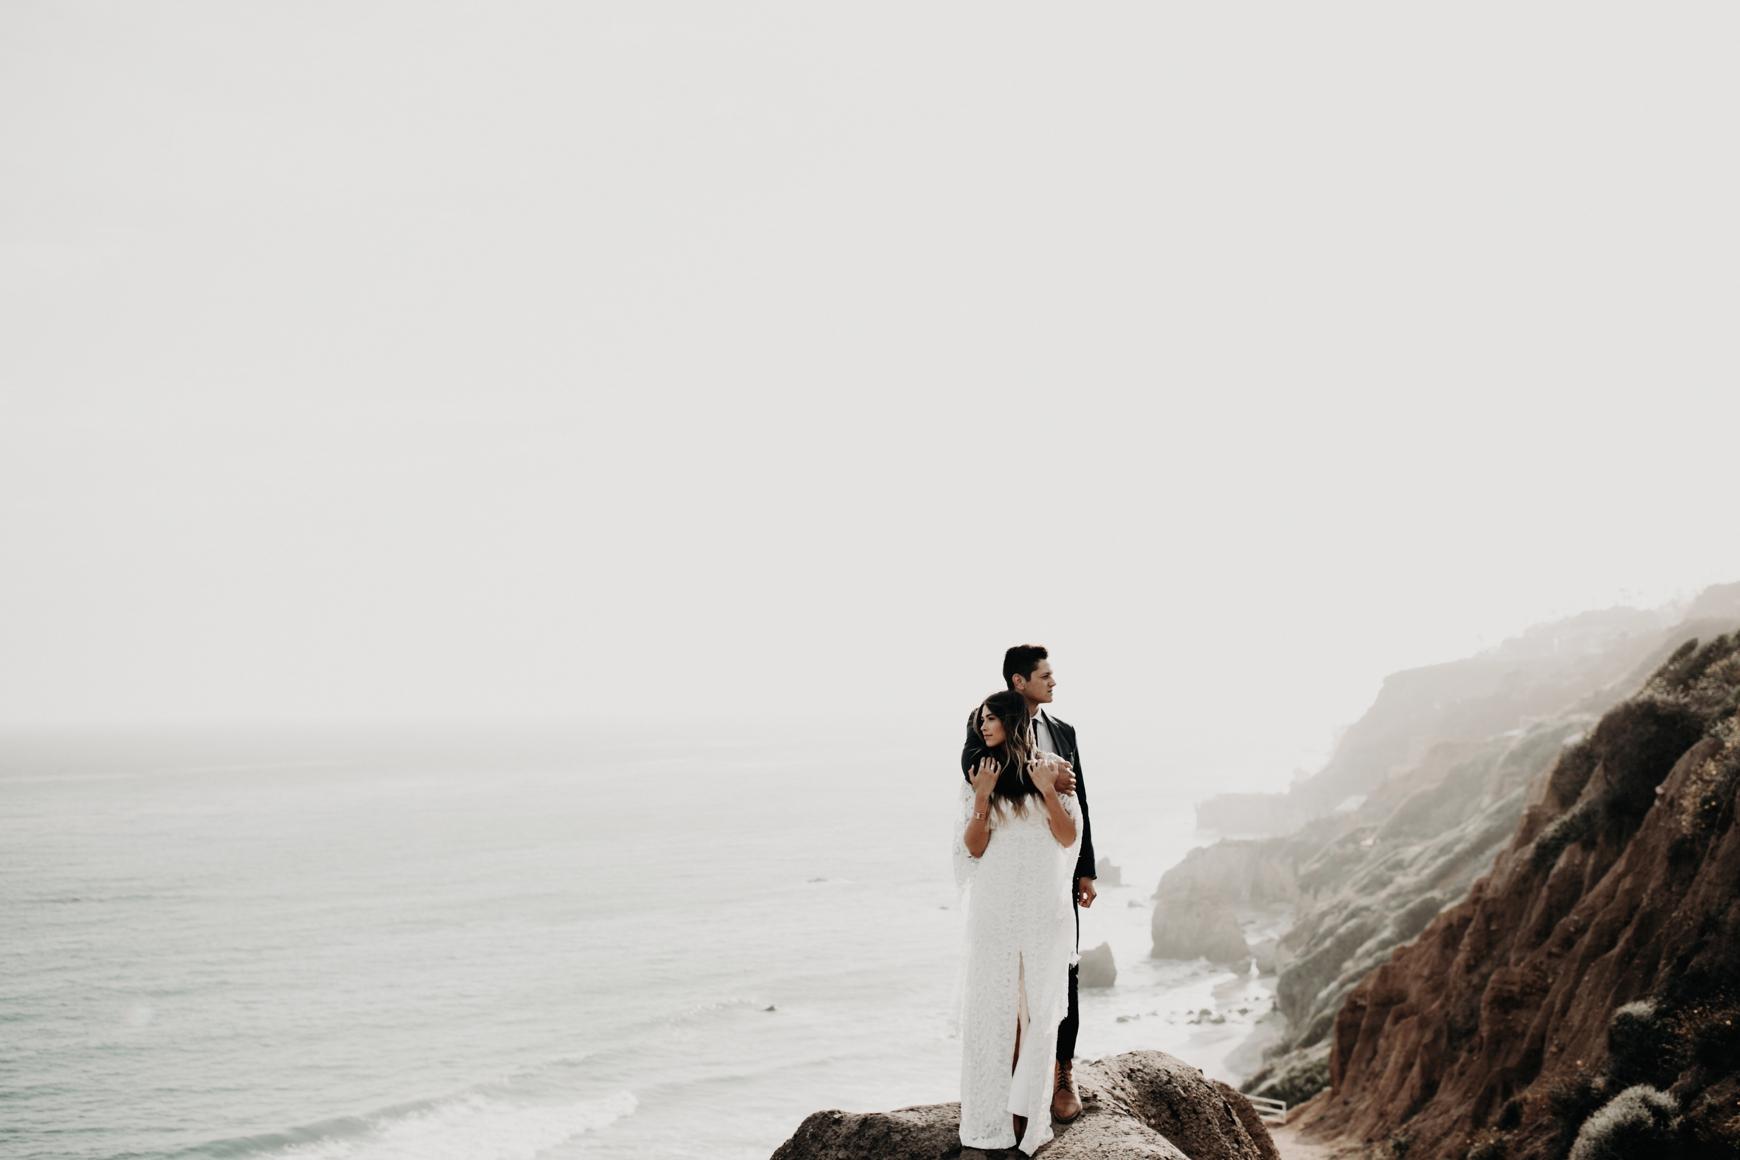 El Matador Beach Bridal Portraits Justellen & TJ Emily Magers Photography-77Emily Magers Photography.jpg